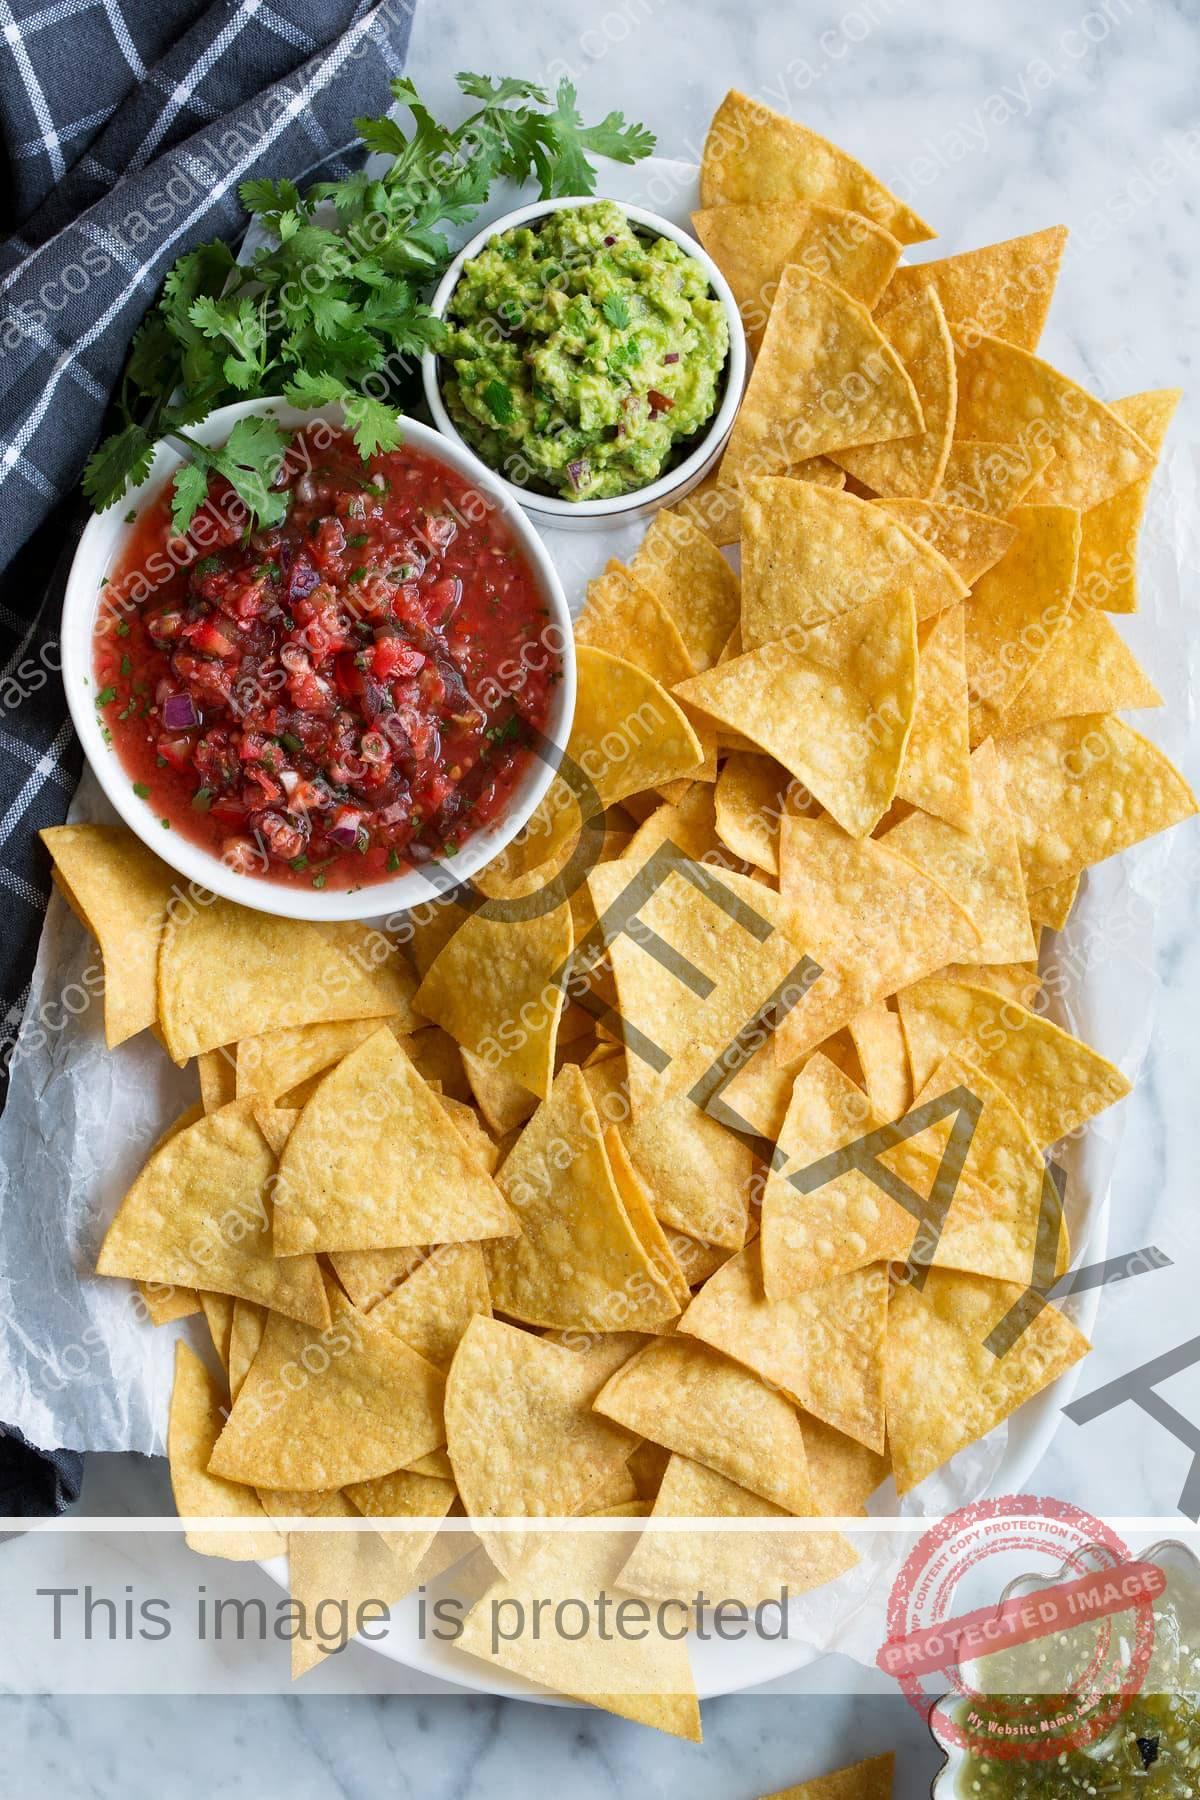 Plato lleno de tortillas caseras con acompañamiento de salsa, guacamole y salsa verde.